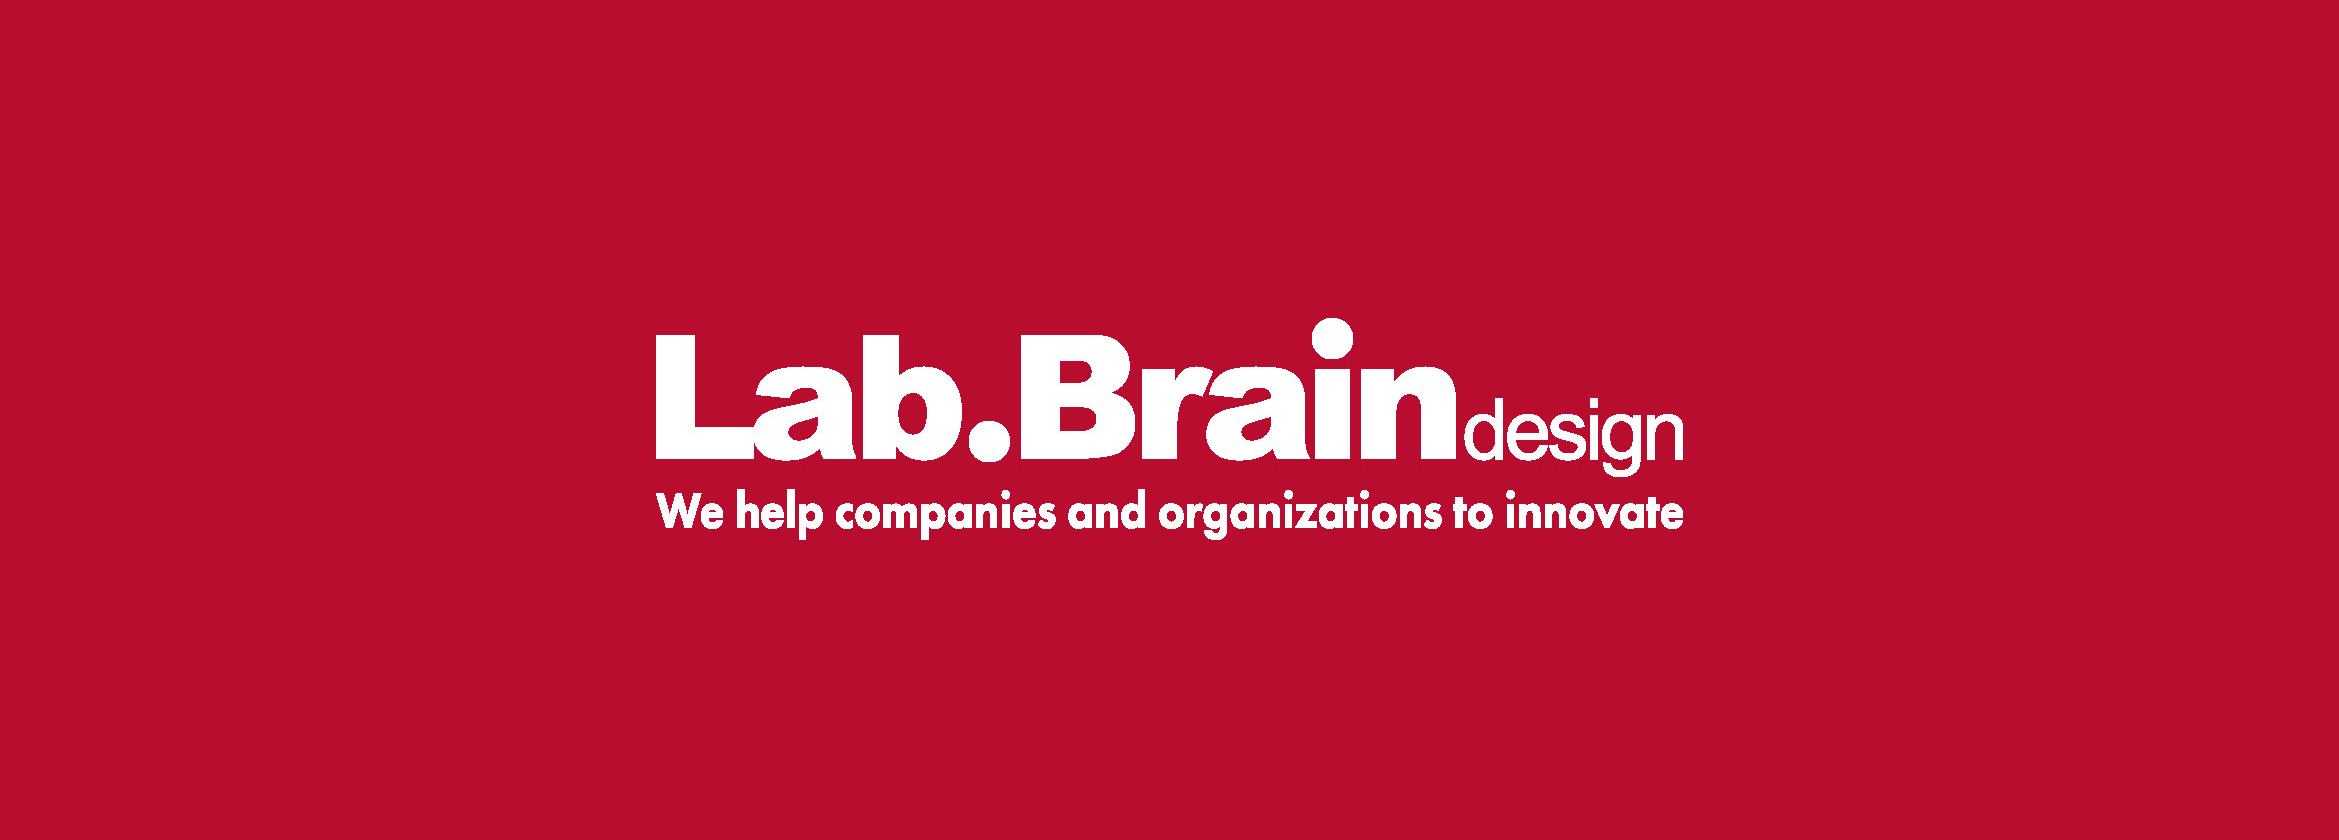 Design training uno strumento per innovazione